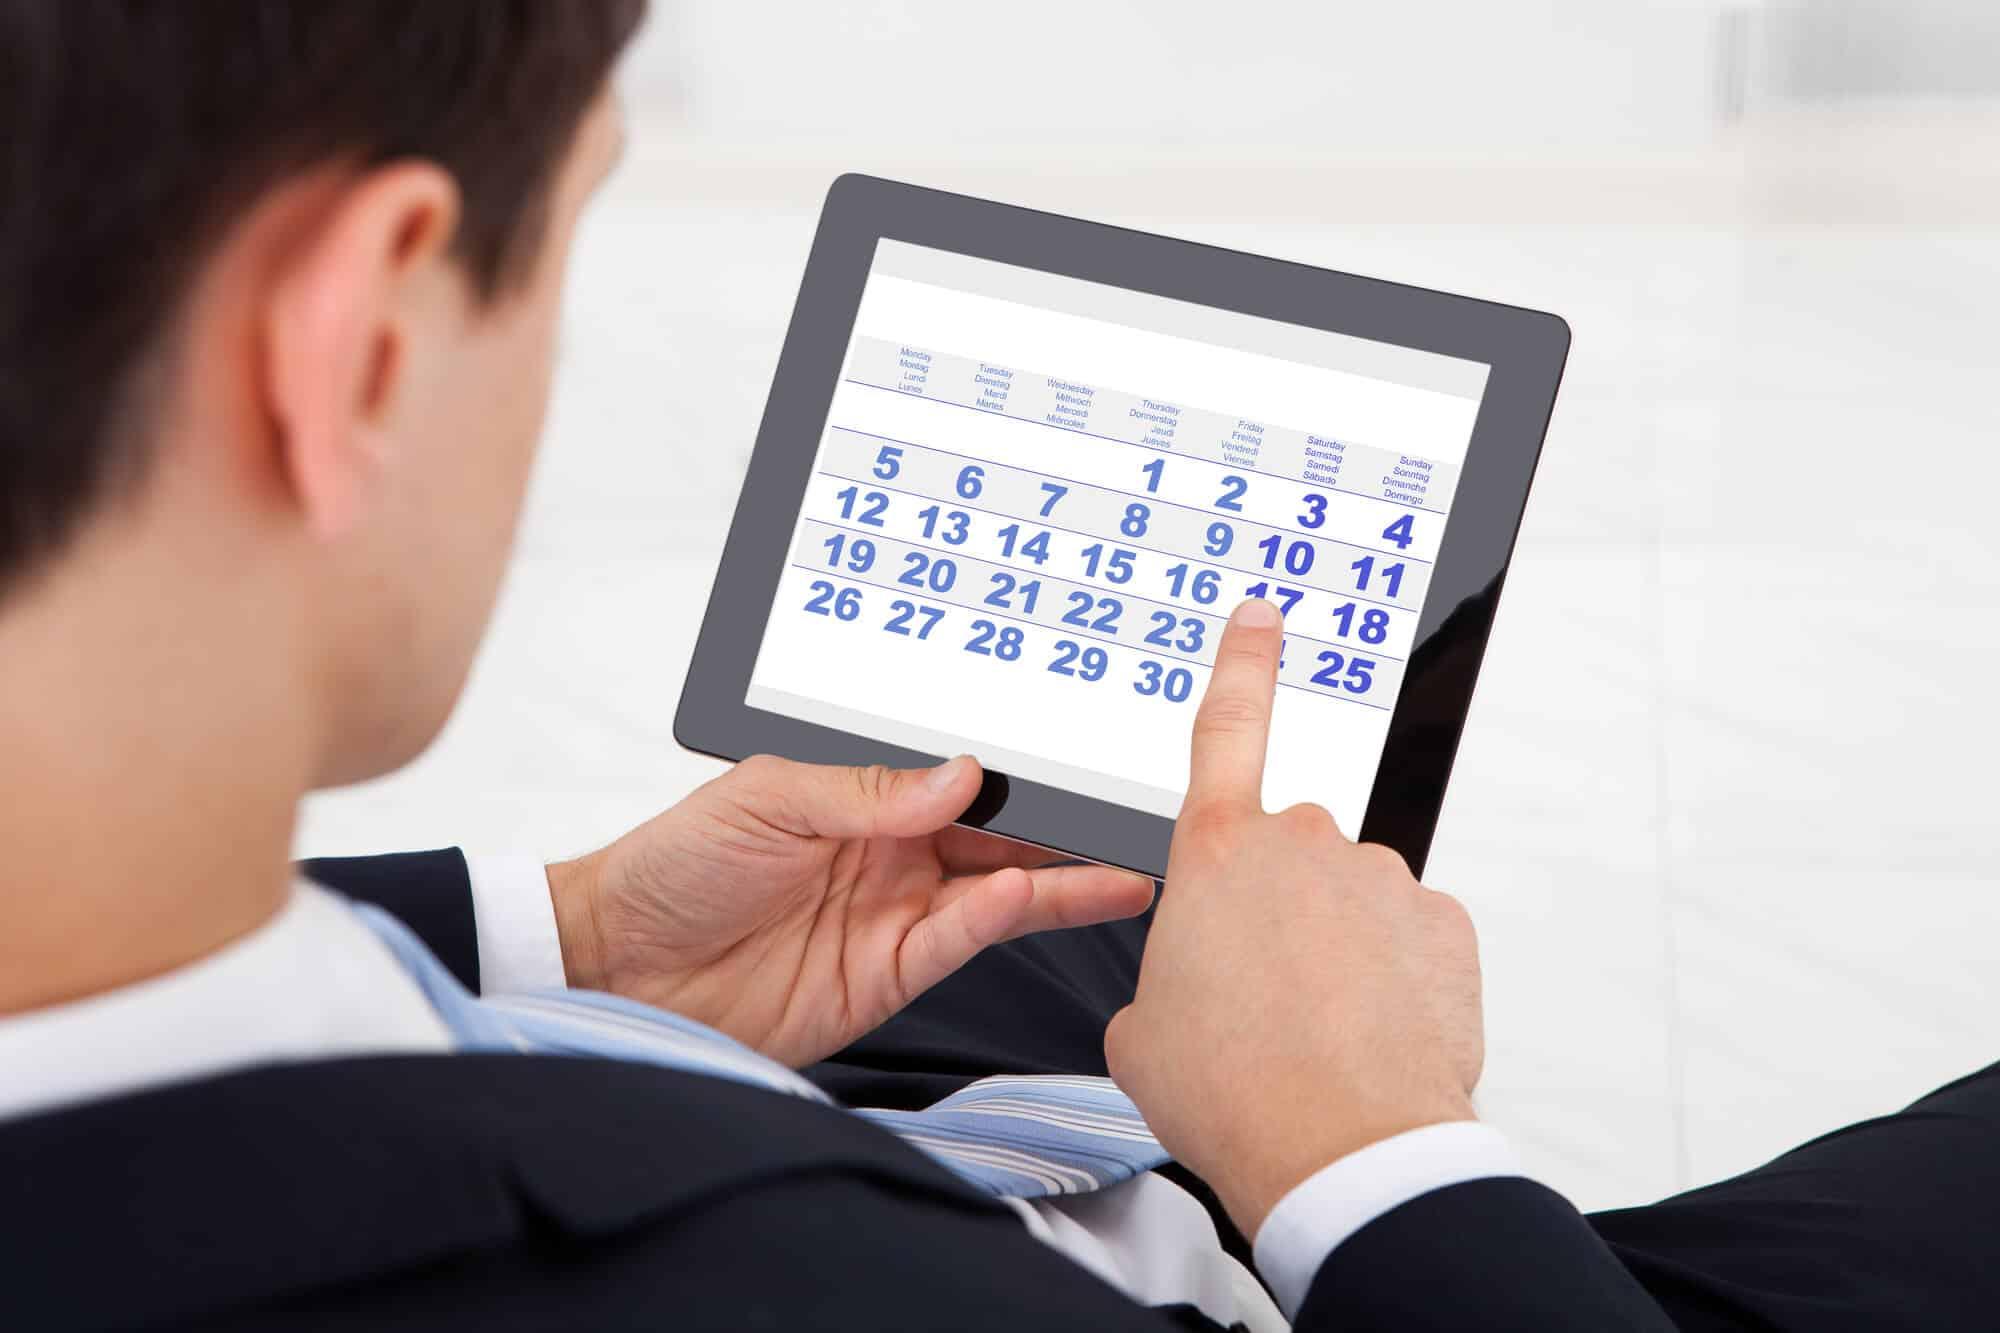 Reforma da Previdência: INSS altera forma de contagem de tempo de contribuição